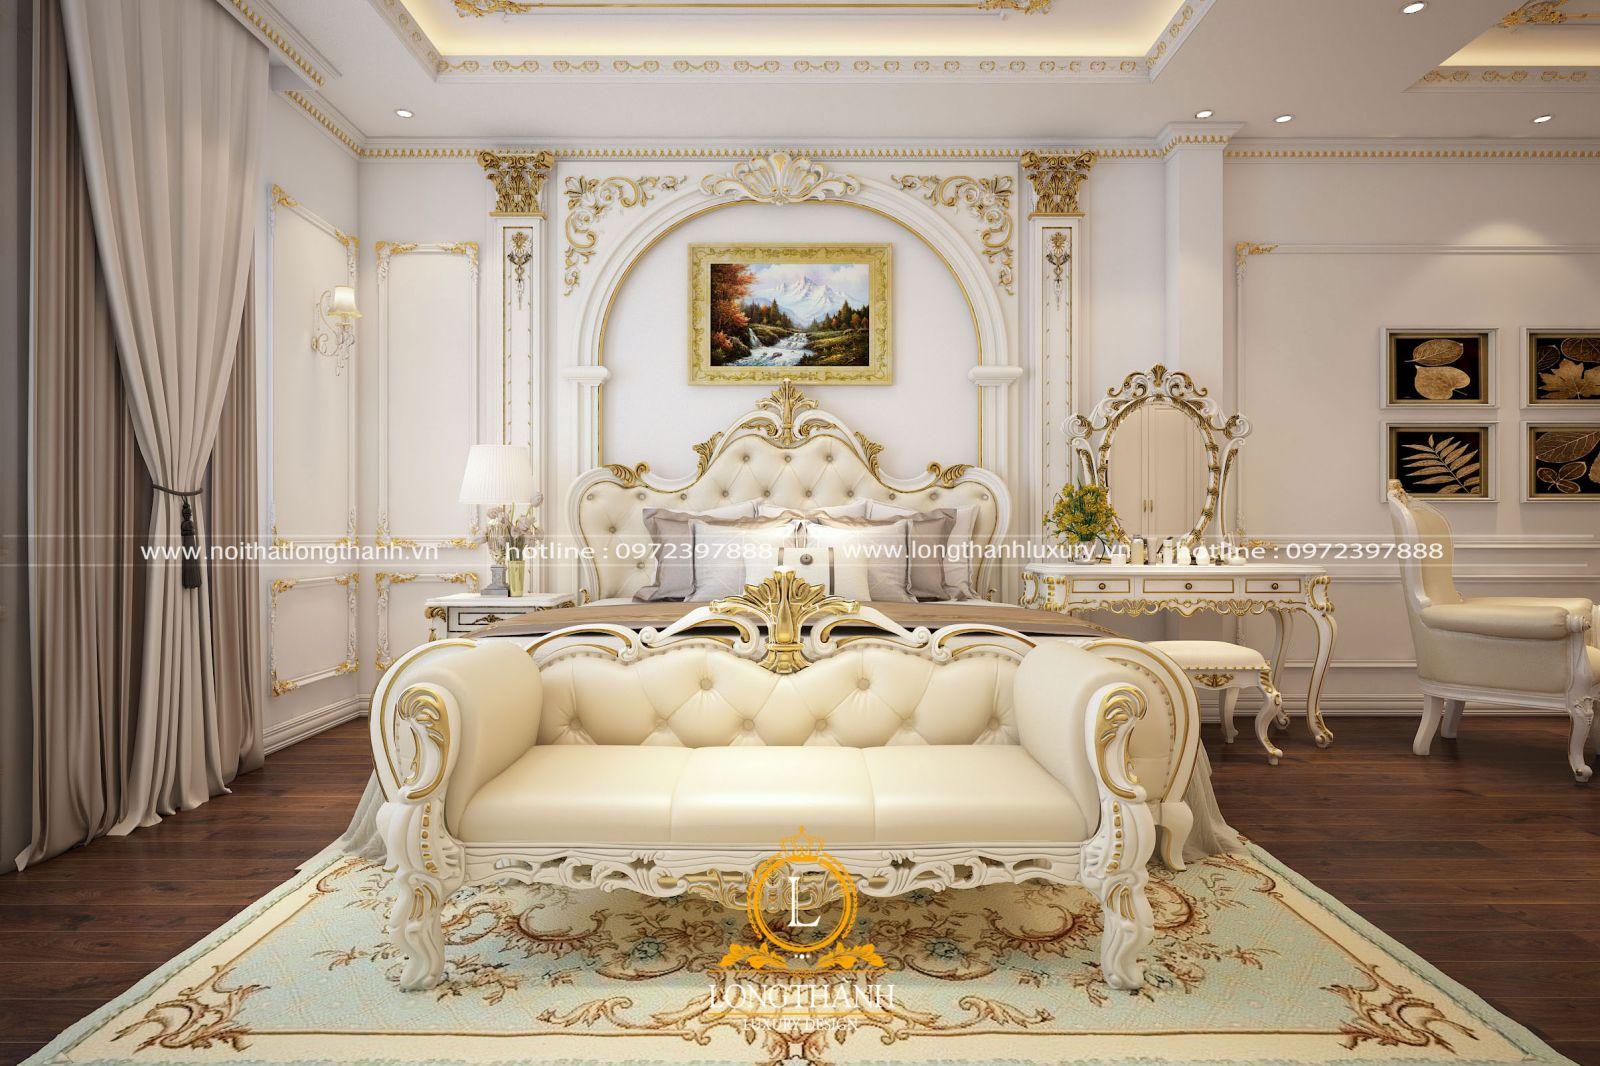 Phòng ngủ Master tân cổ điển sơn trắng dát vàng lộng lẫy